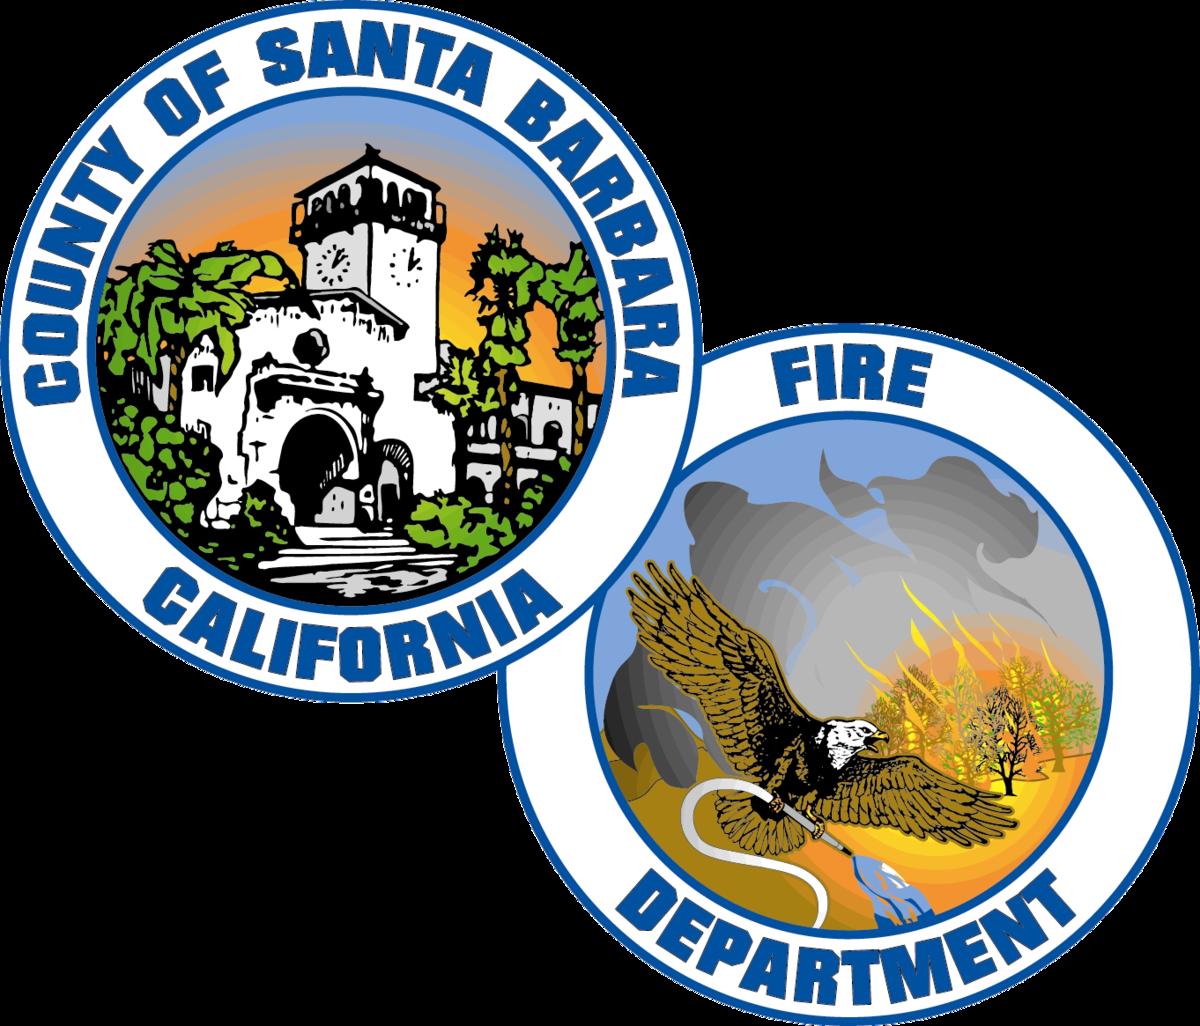 Firefighter clipart nozzle. Santa barbara county fire